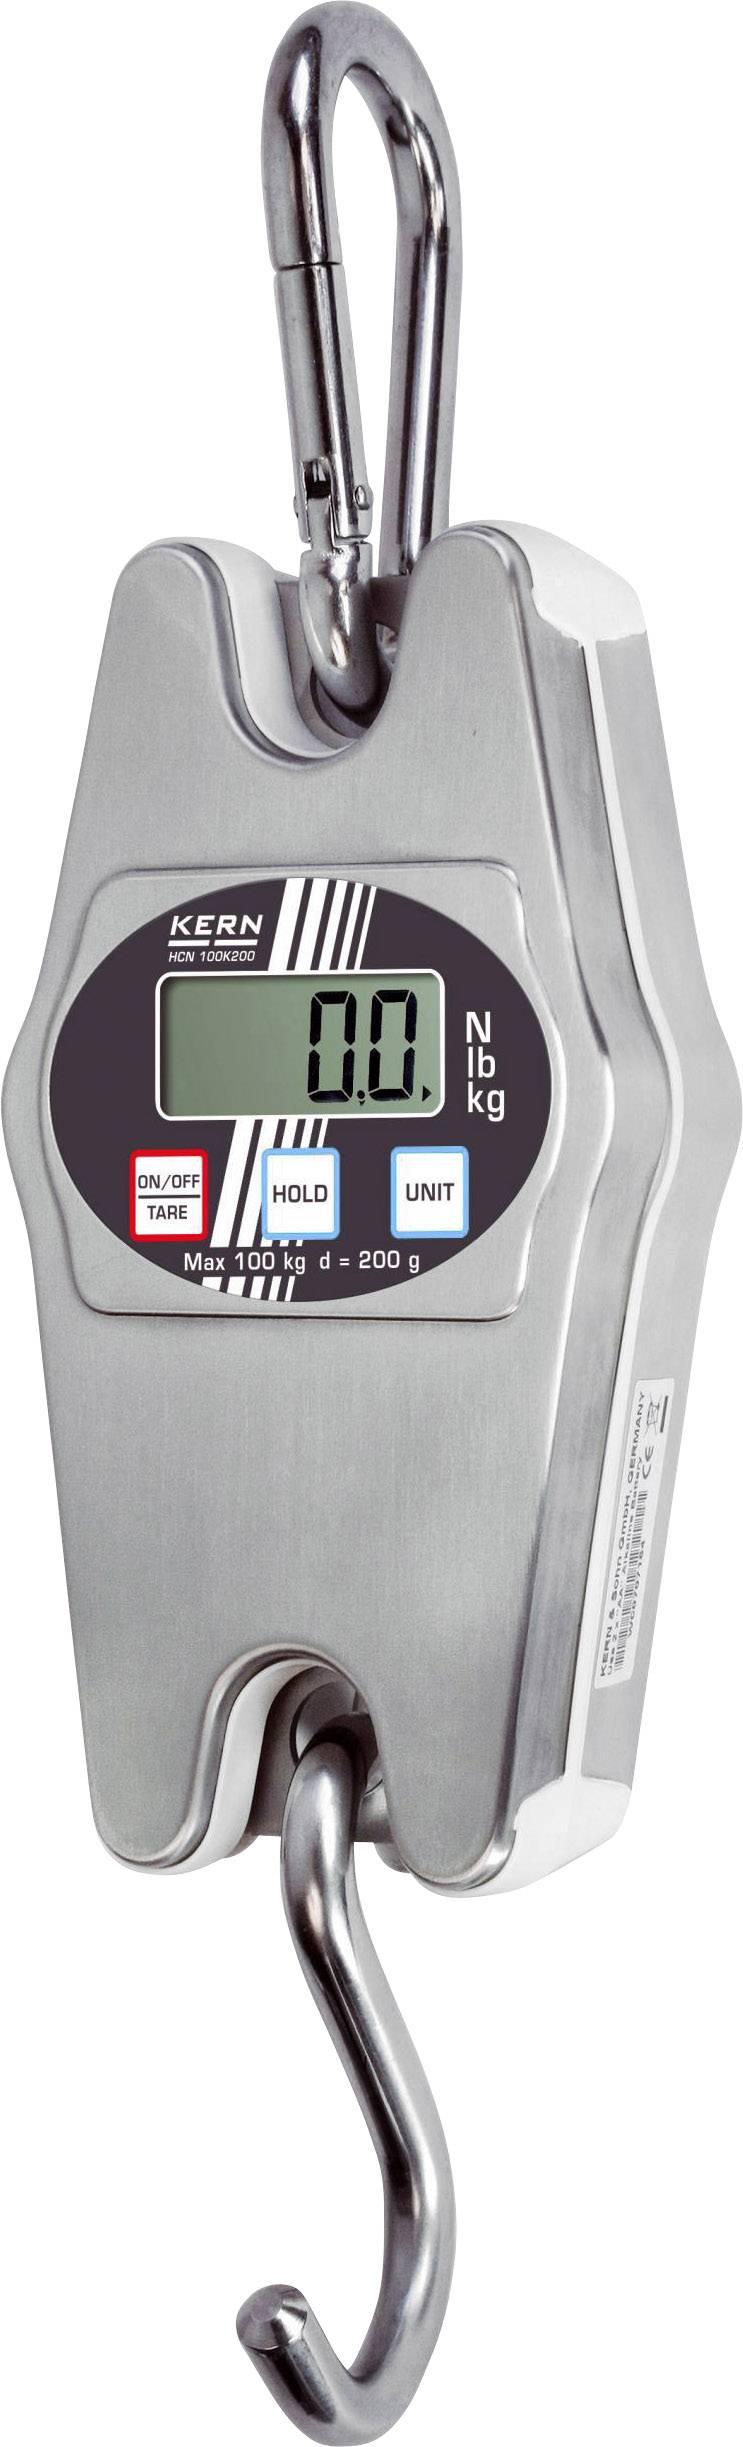 Závěsná váha Kern HCN 200K500IP, 200 kg